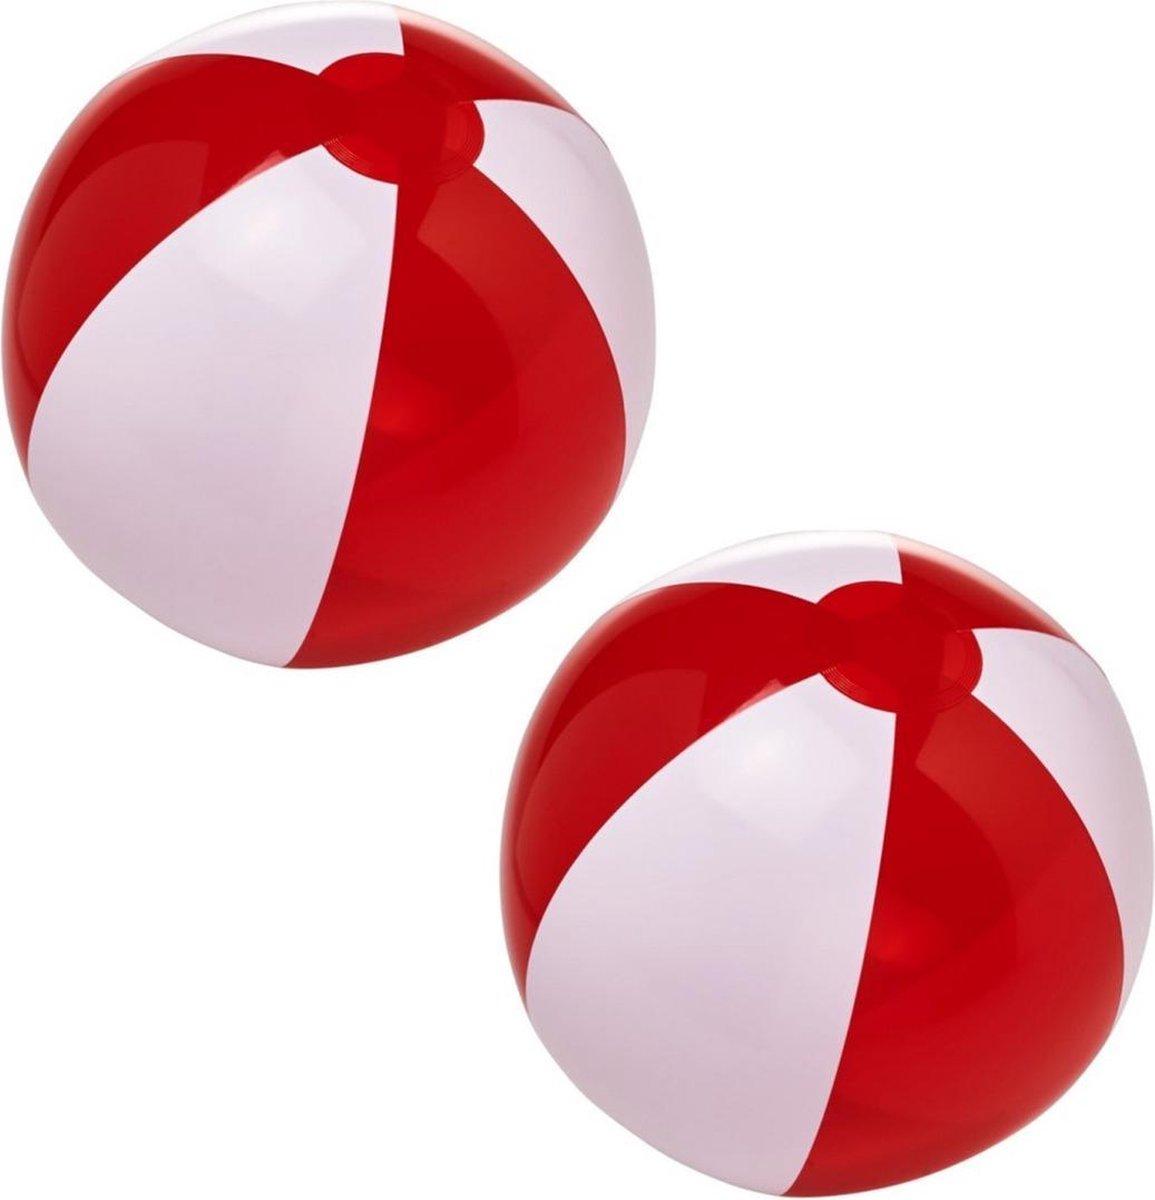 2x stuks opblaasbare strandballen rood/wit 30 cm - Buitenspeelgoed waterspeelgoed opblaasbaar